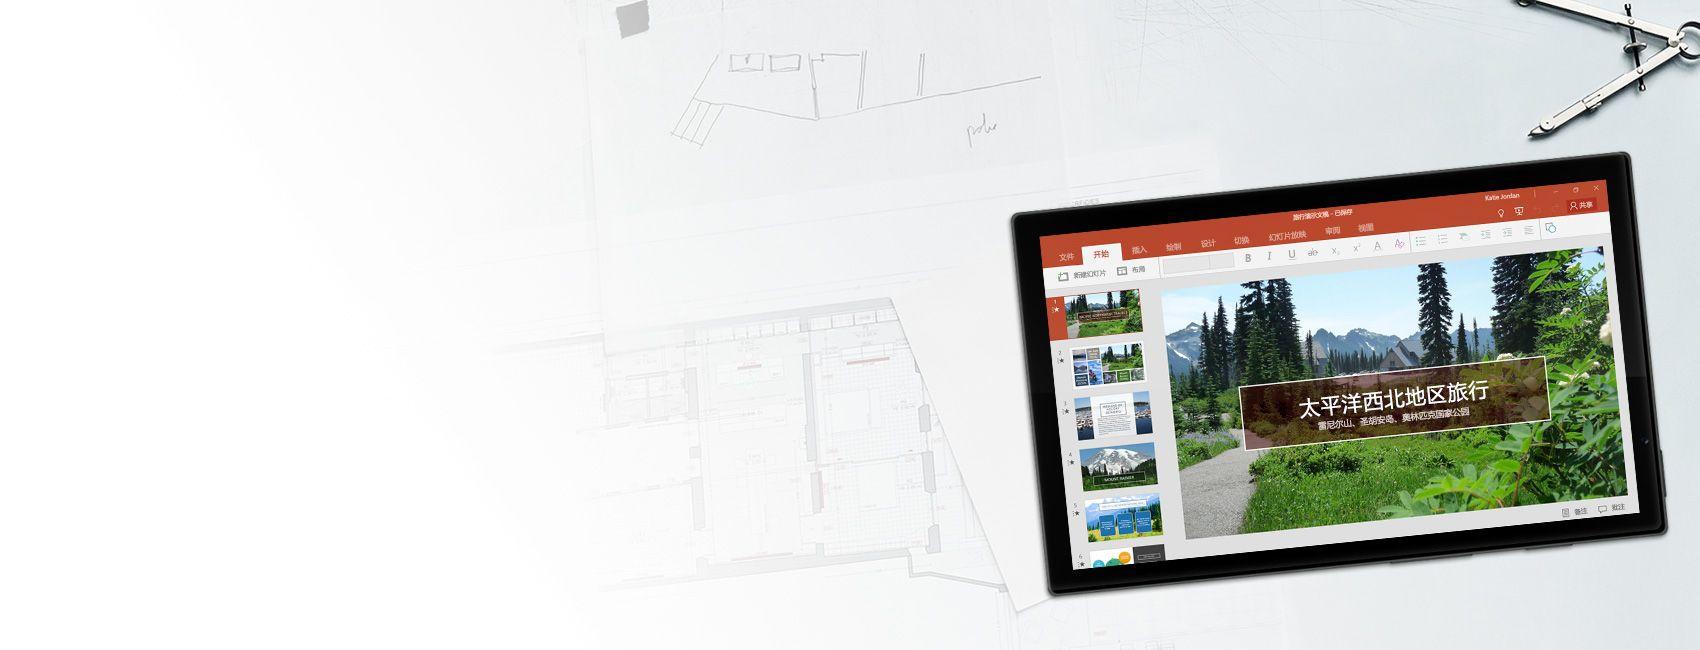 显示有 Windows 10 移动版 PowerPoint 演示文稿的 Windows 平板电脑,该文稿关于西北太平洋旅游